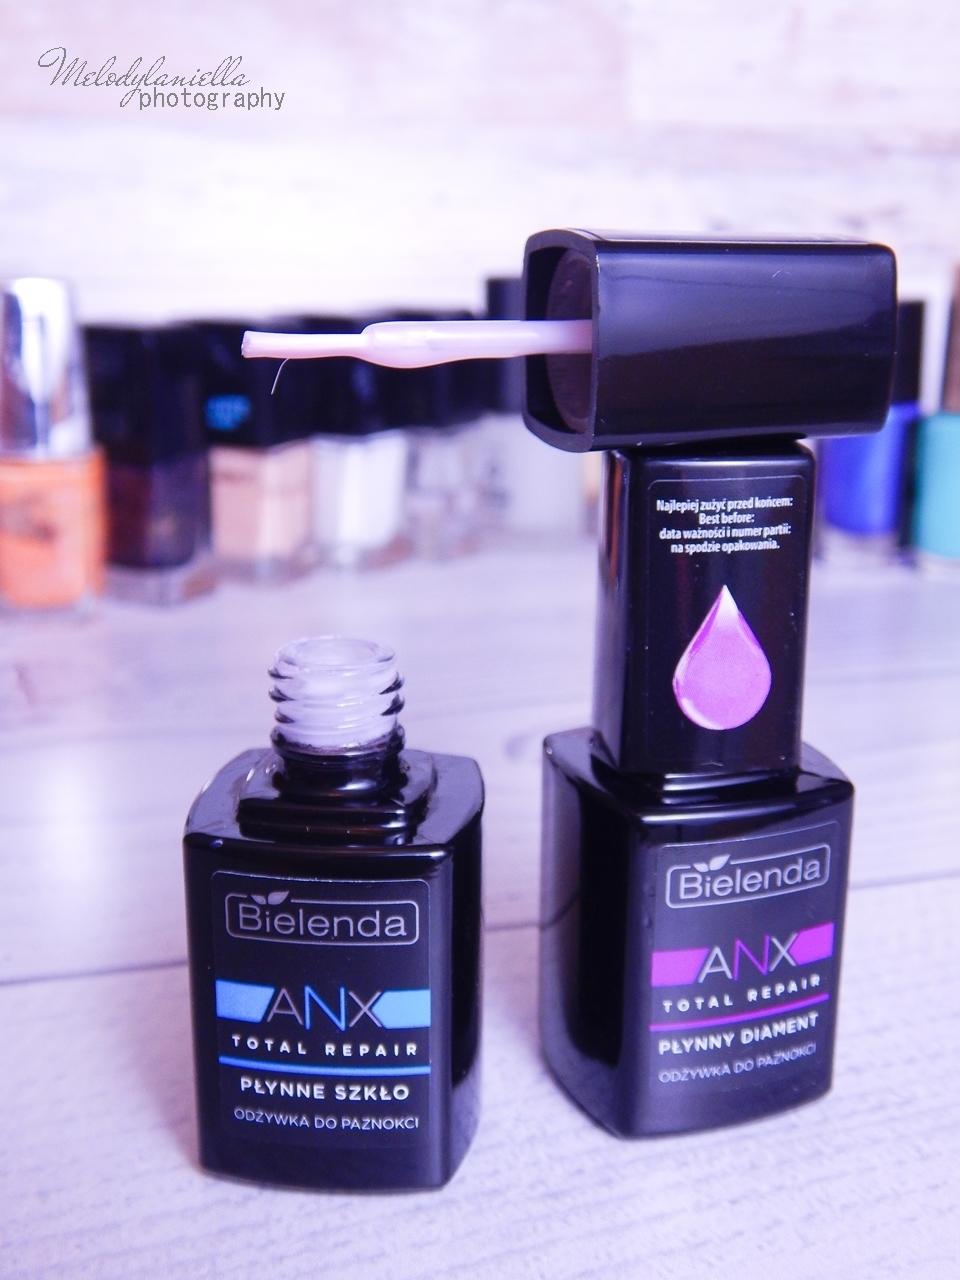 8 bielenda total repair odżywka płynne szkło płynny diament anx recenzja najlepsze odżywki serum do paznokci jak wzmocnić paznokcie french manicure